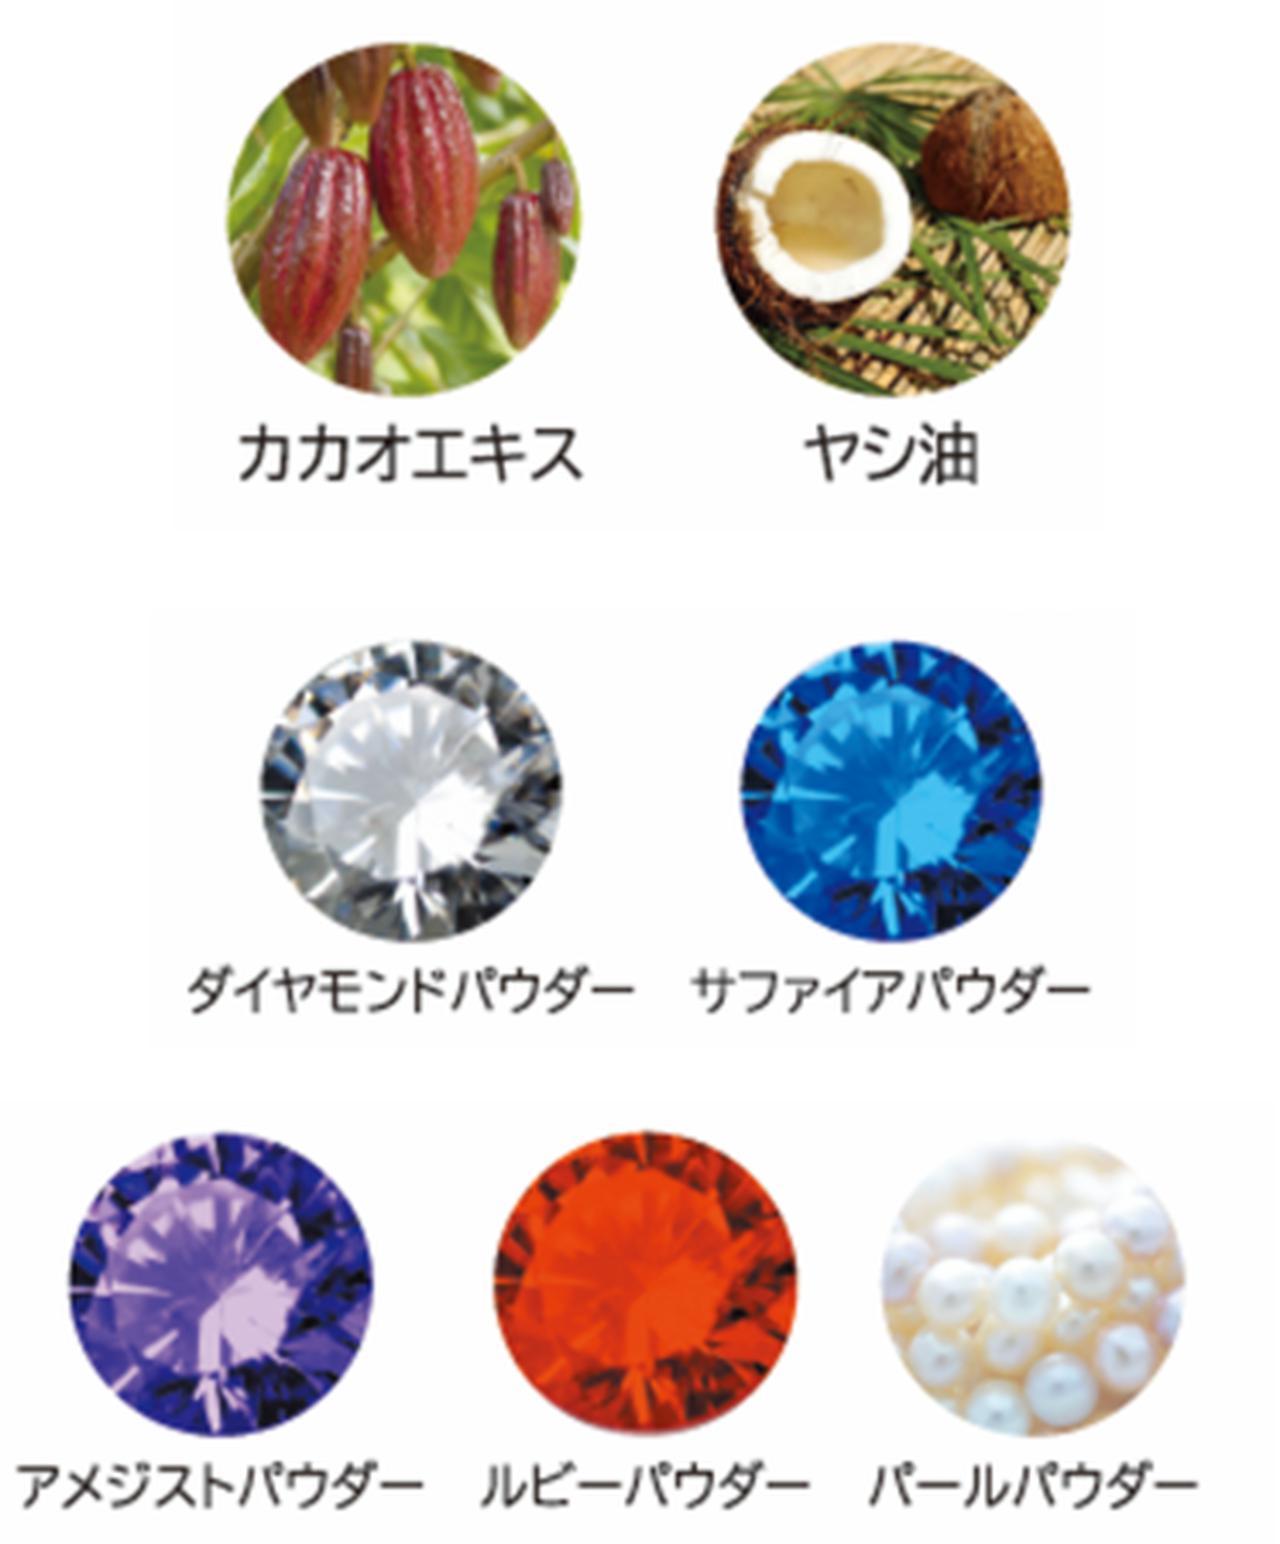 画像3: ニュートロなアイカラーで #きゅんEYE ♥フルショット ルーティーン アイパレットに日本限定秋冬カラーが新登場!